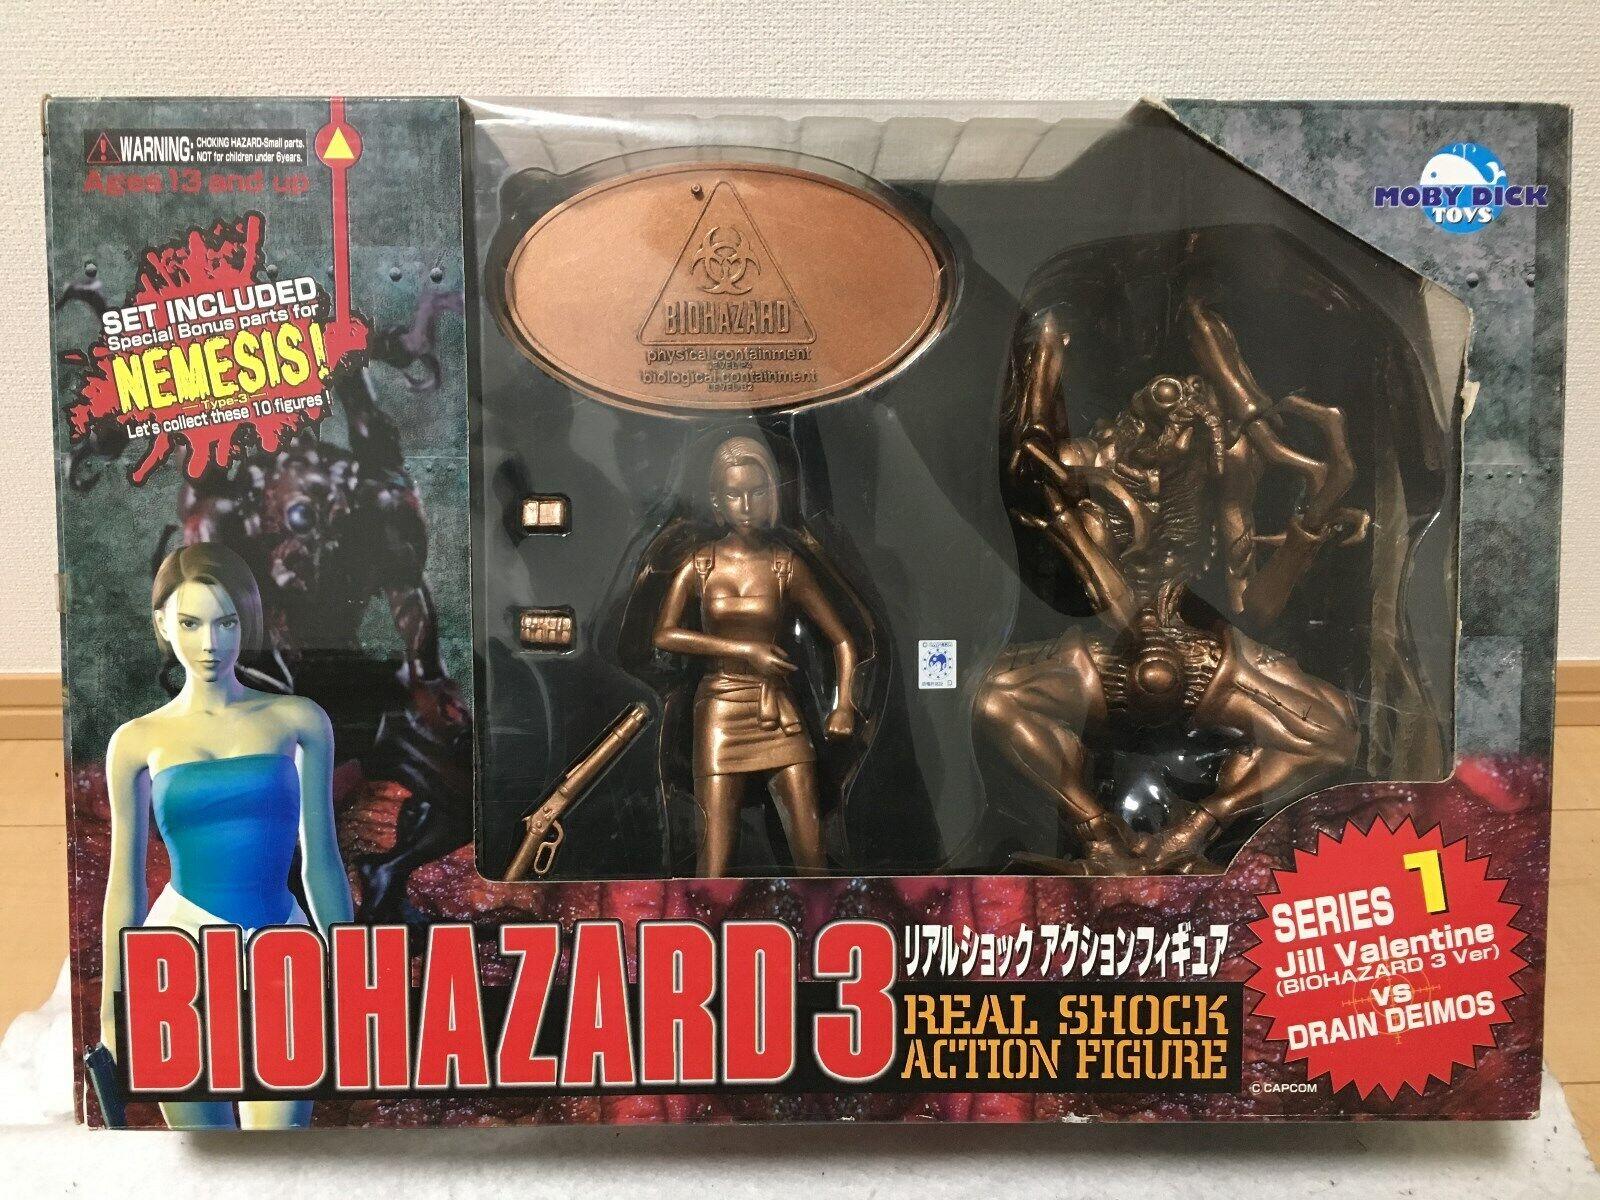 Biofara 3 Real Shock verkan Figur serier 1 Jill mot Deimons Moby Dick leksaks